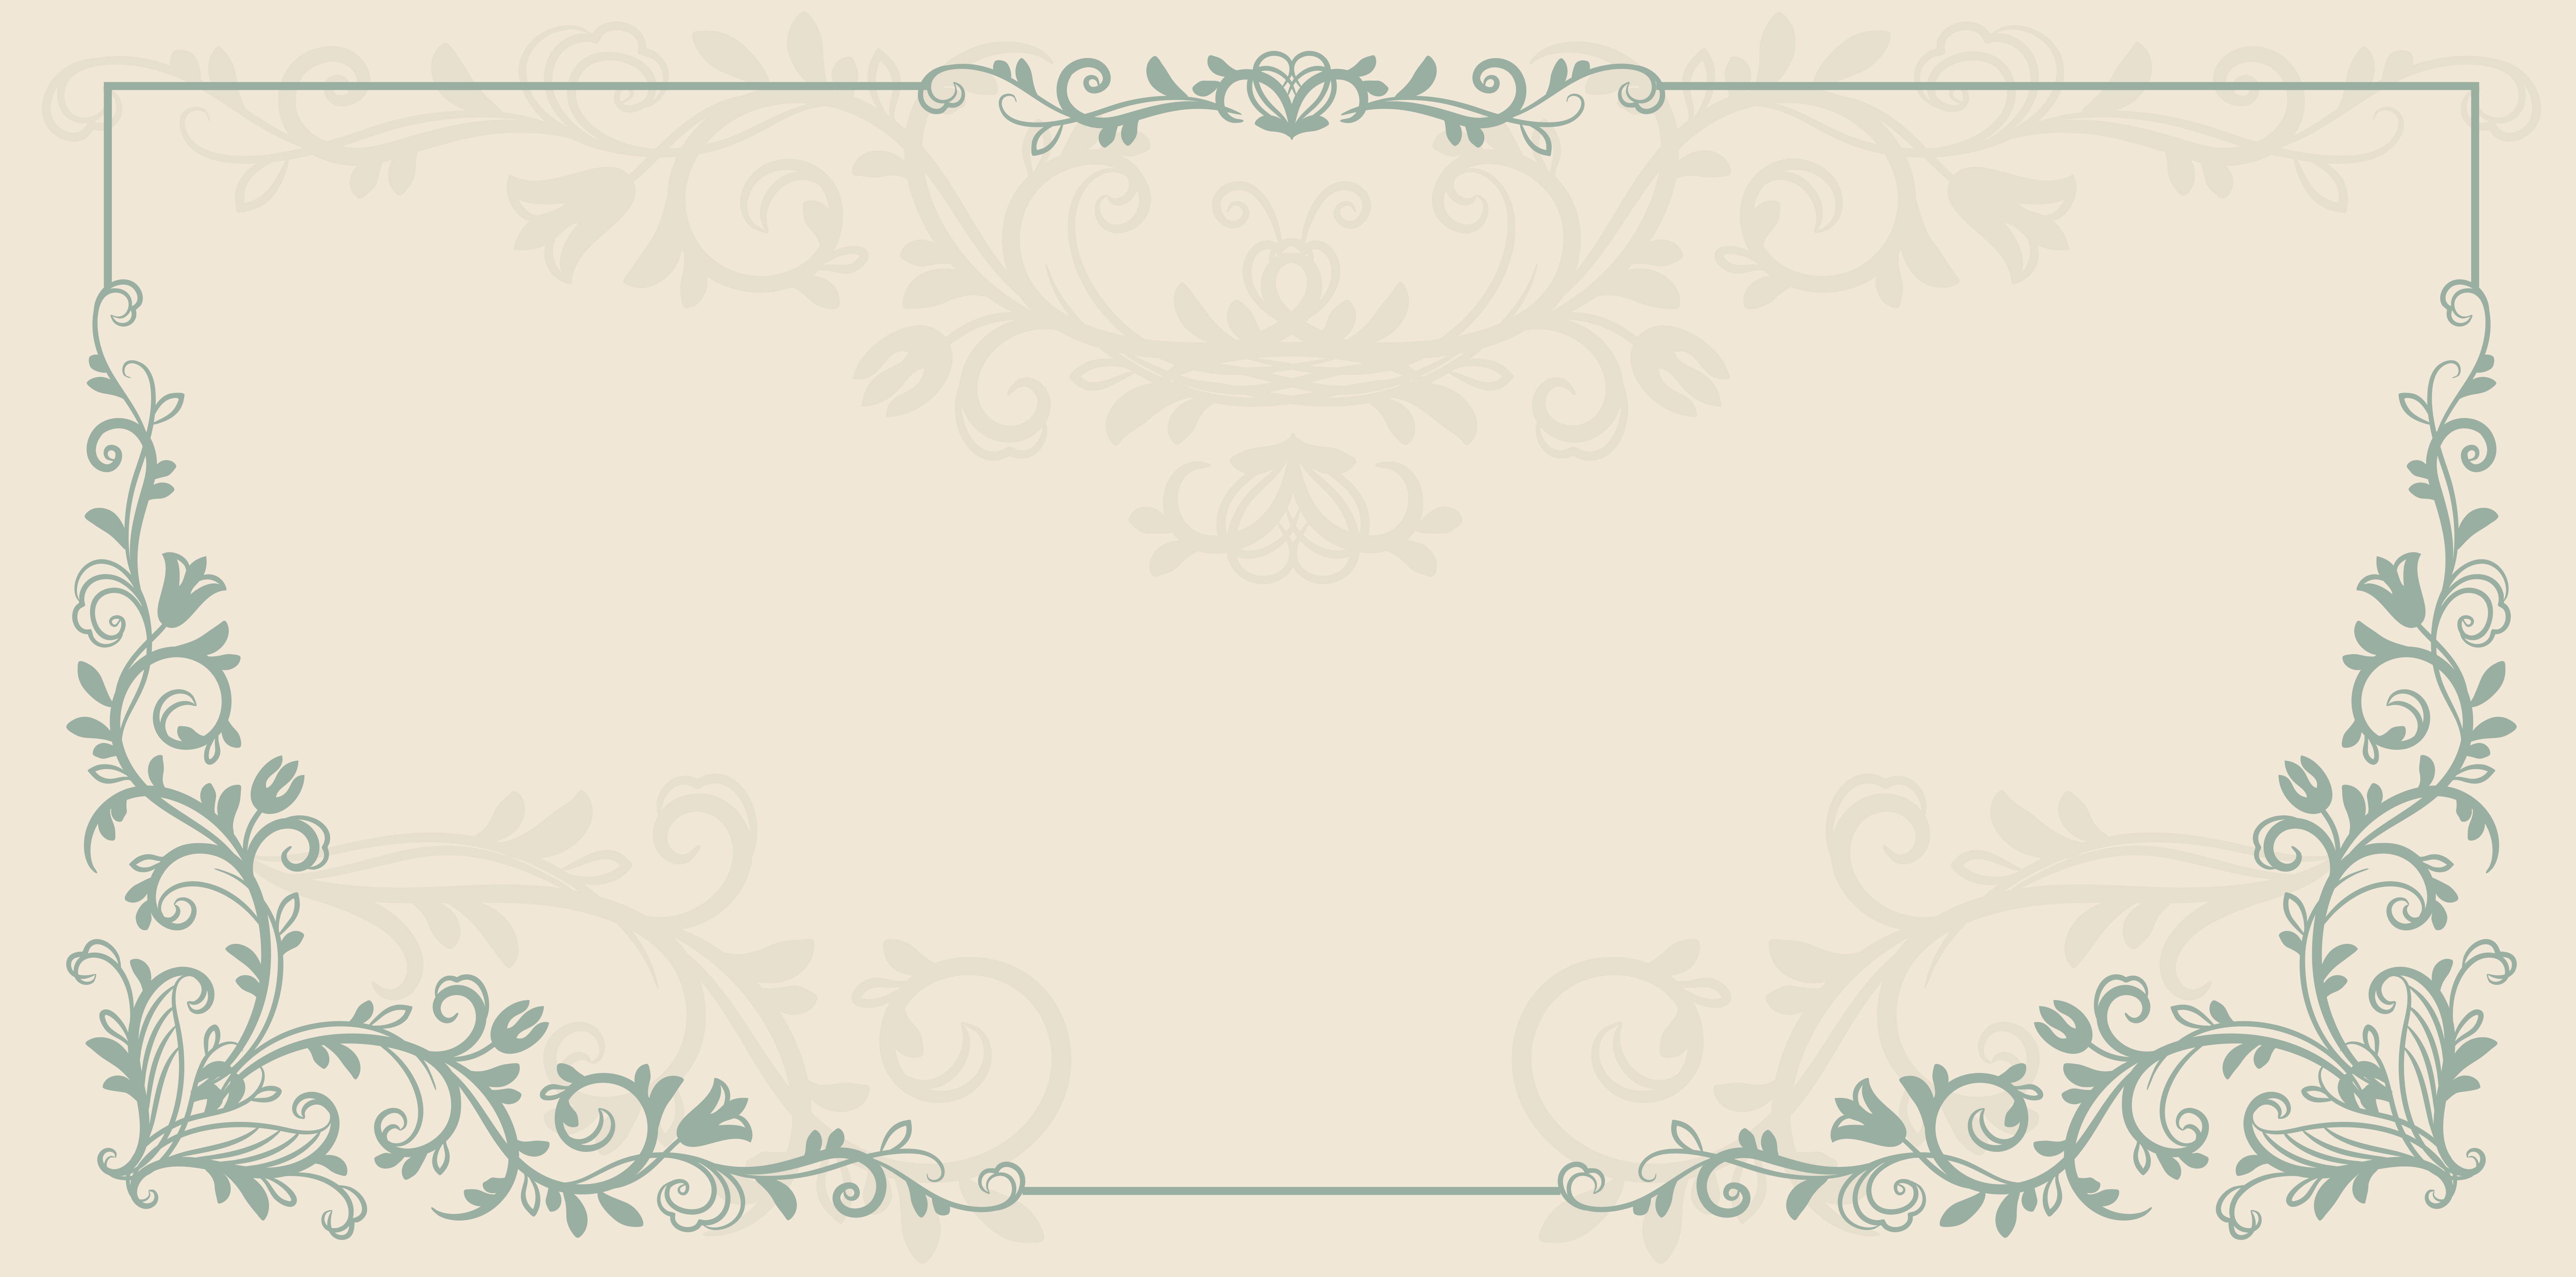 hochzeitseinladungskarte  wedding invitation ornament